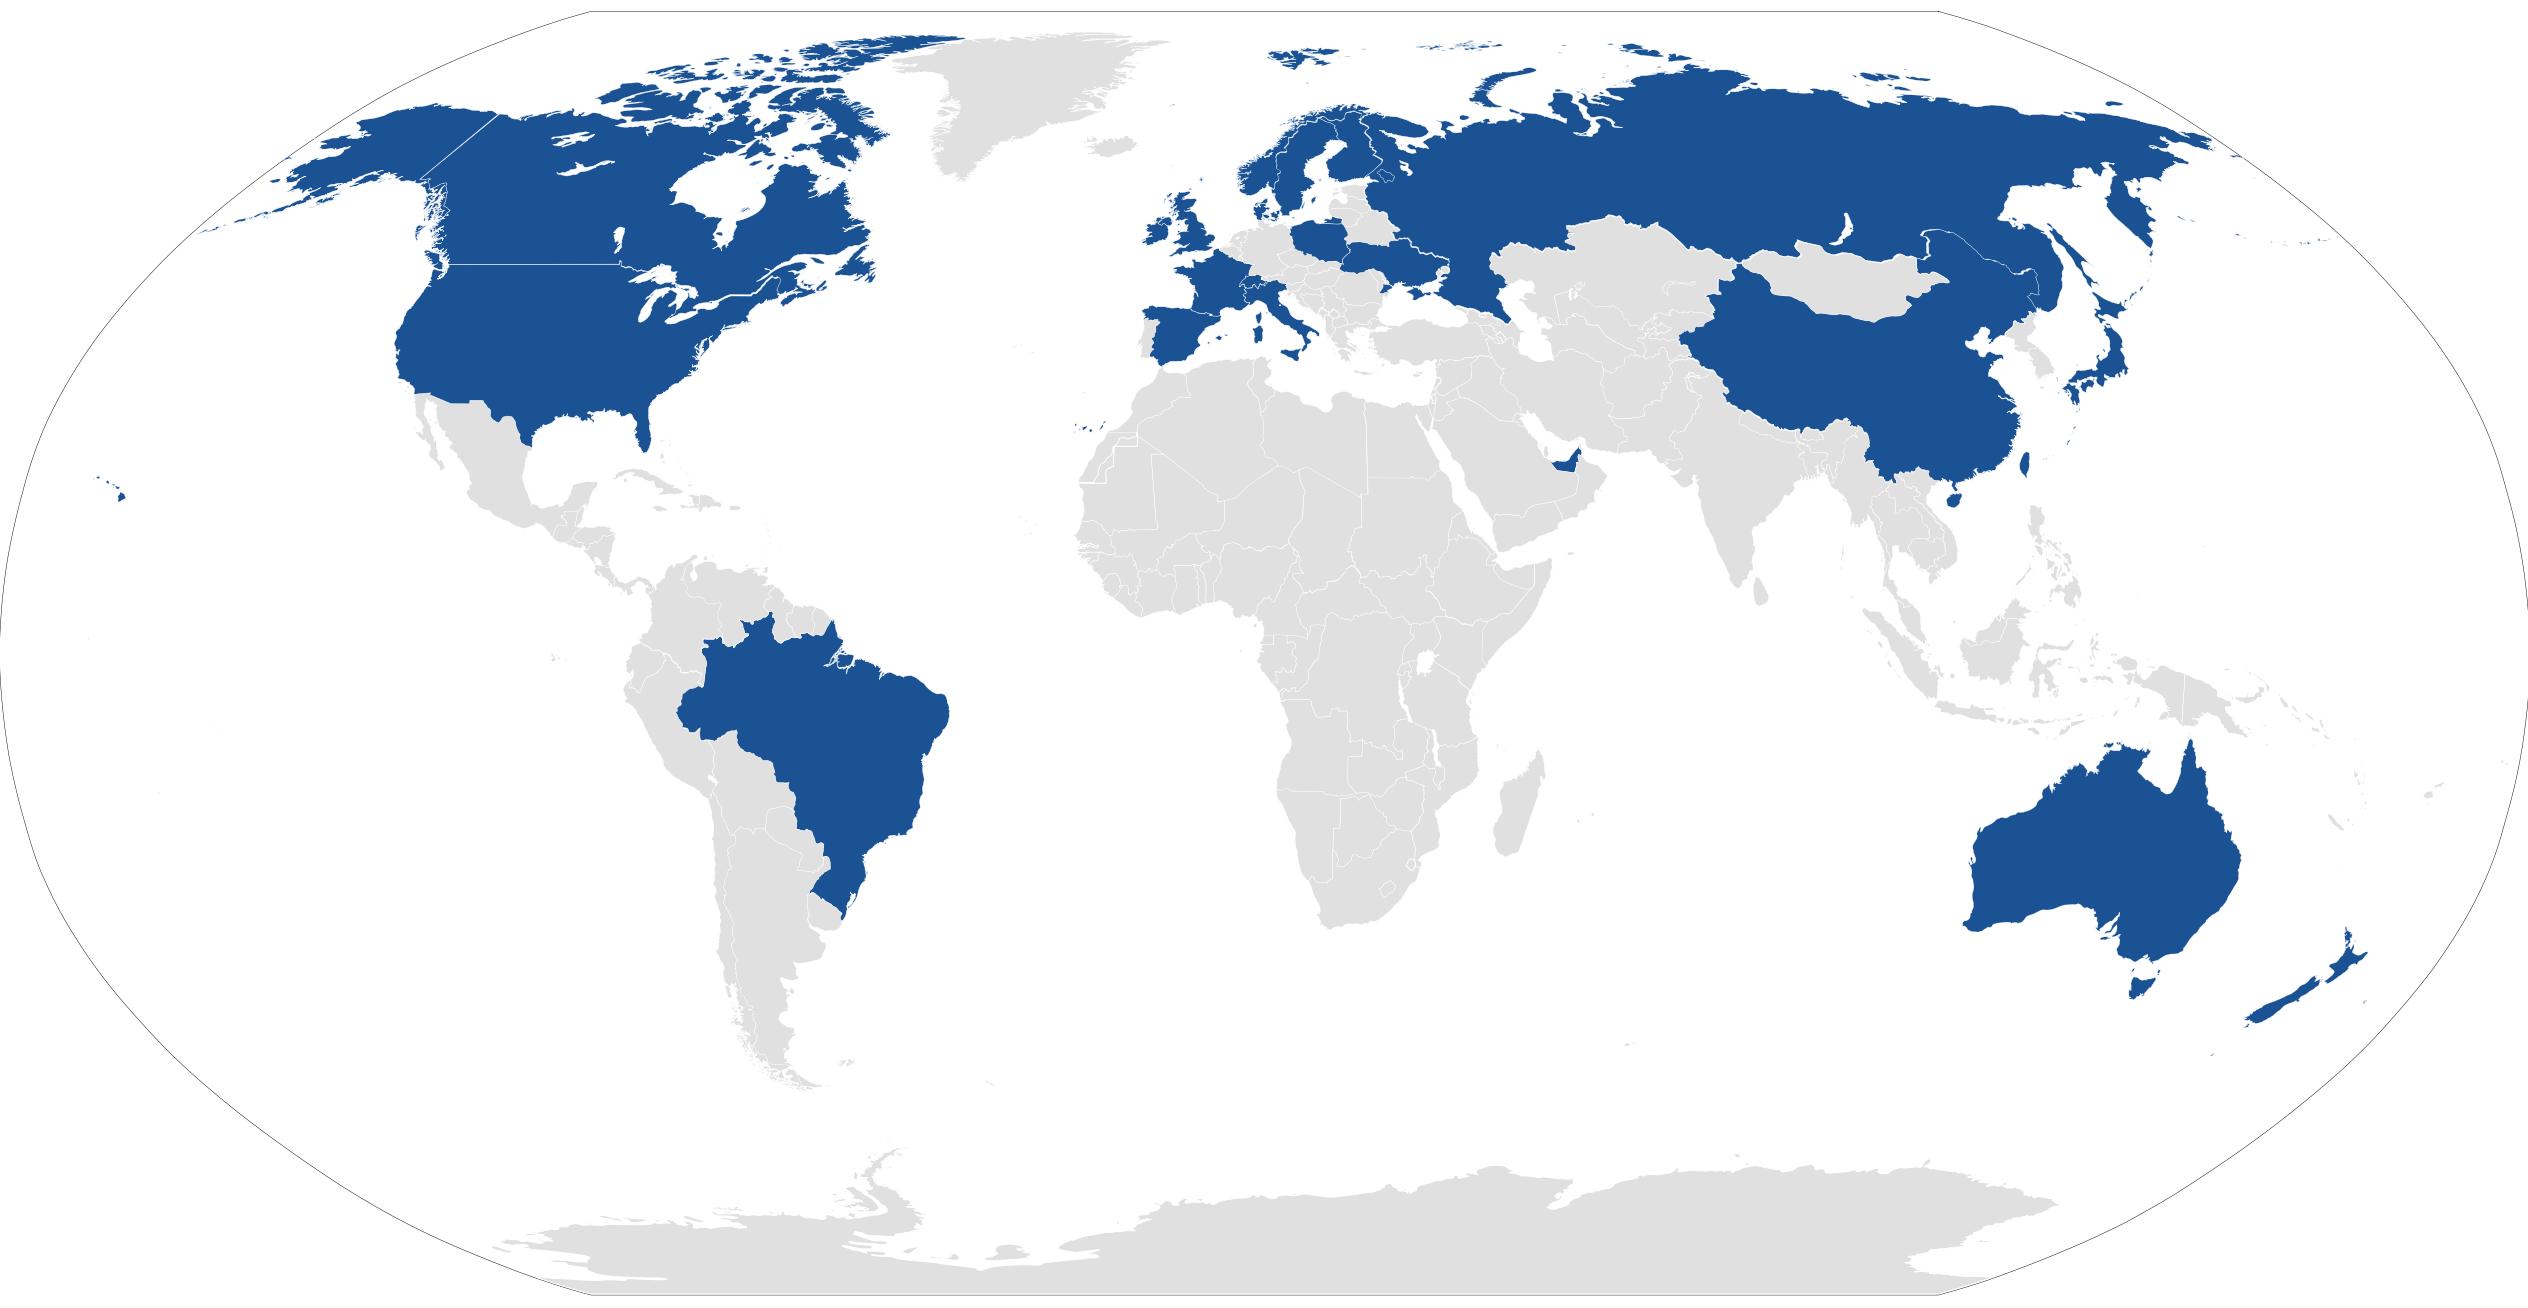 Weltkarte Wo Apple Pay Bereits Verfügbar Ist News Mactechnews De